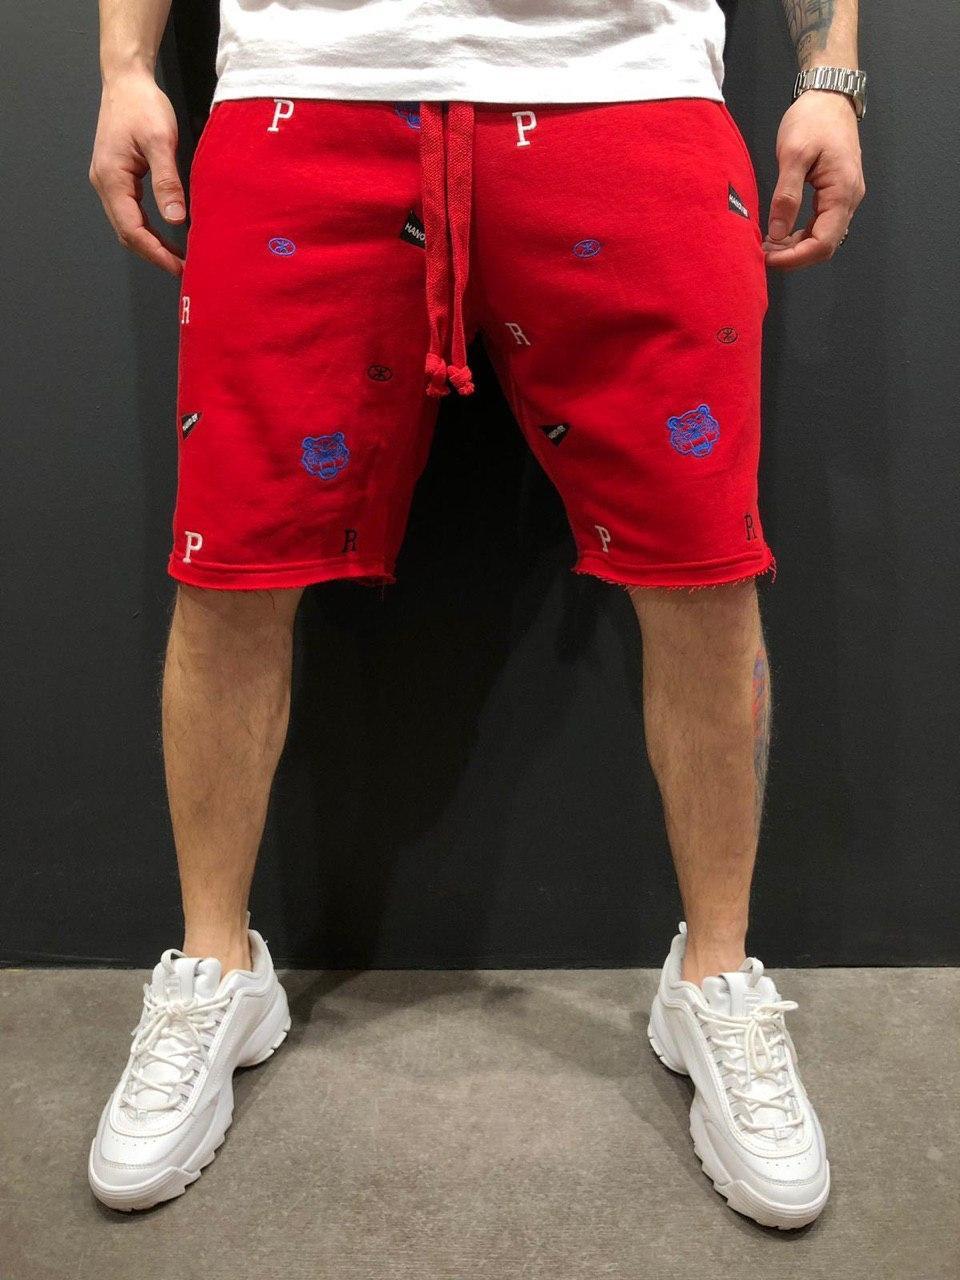 😜Мужские шорты широкие в разных цветах красный